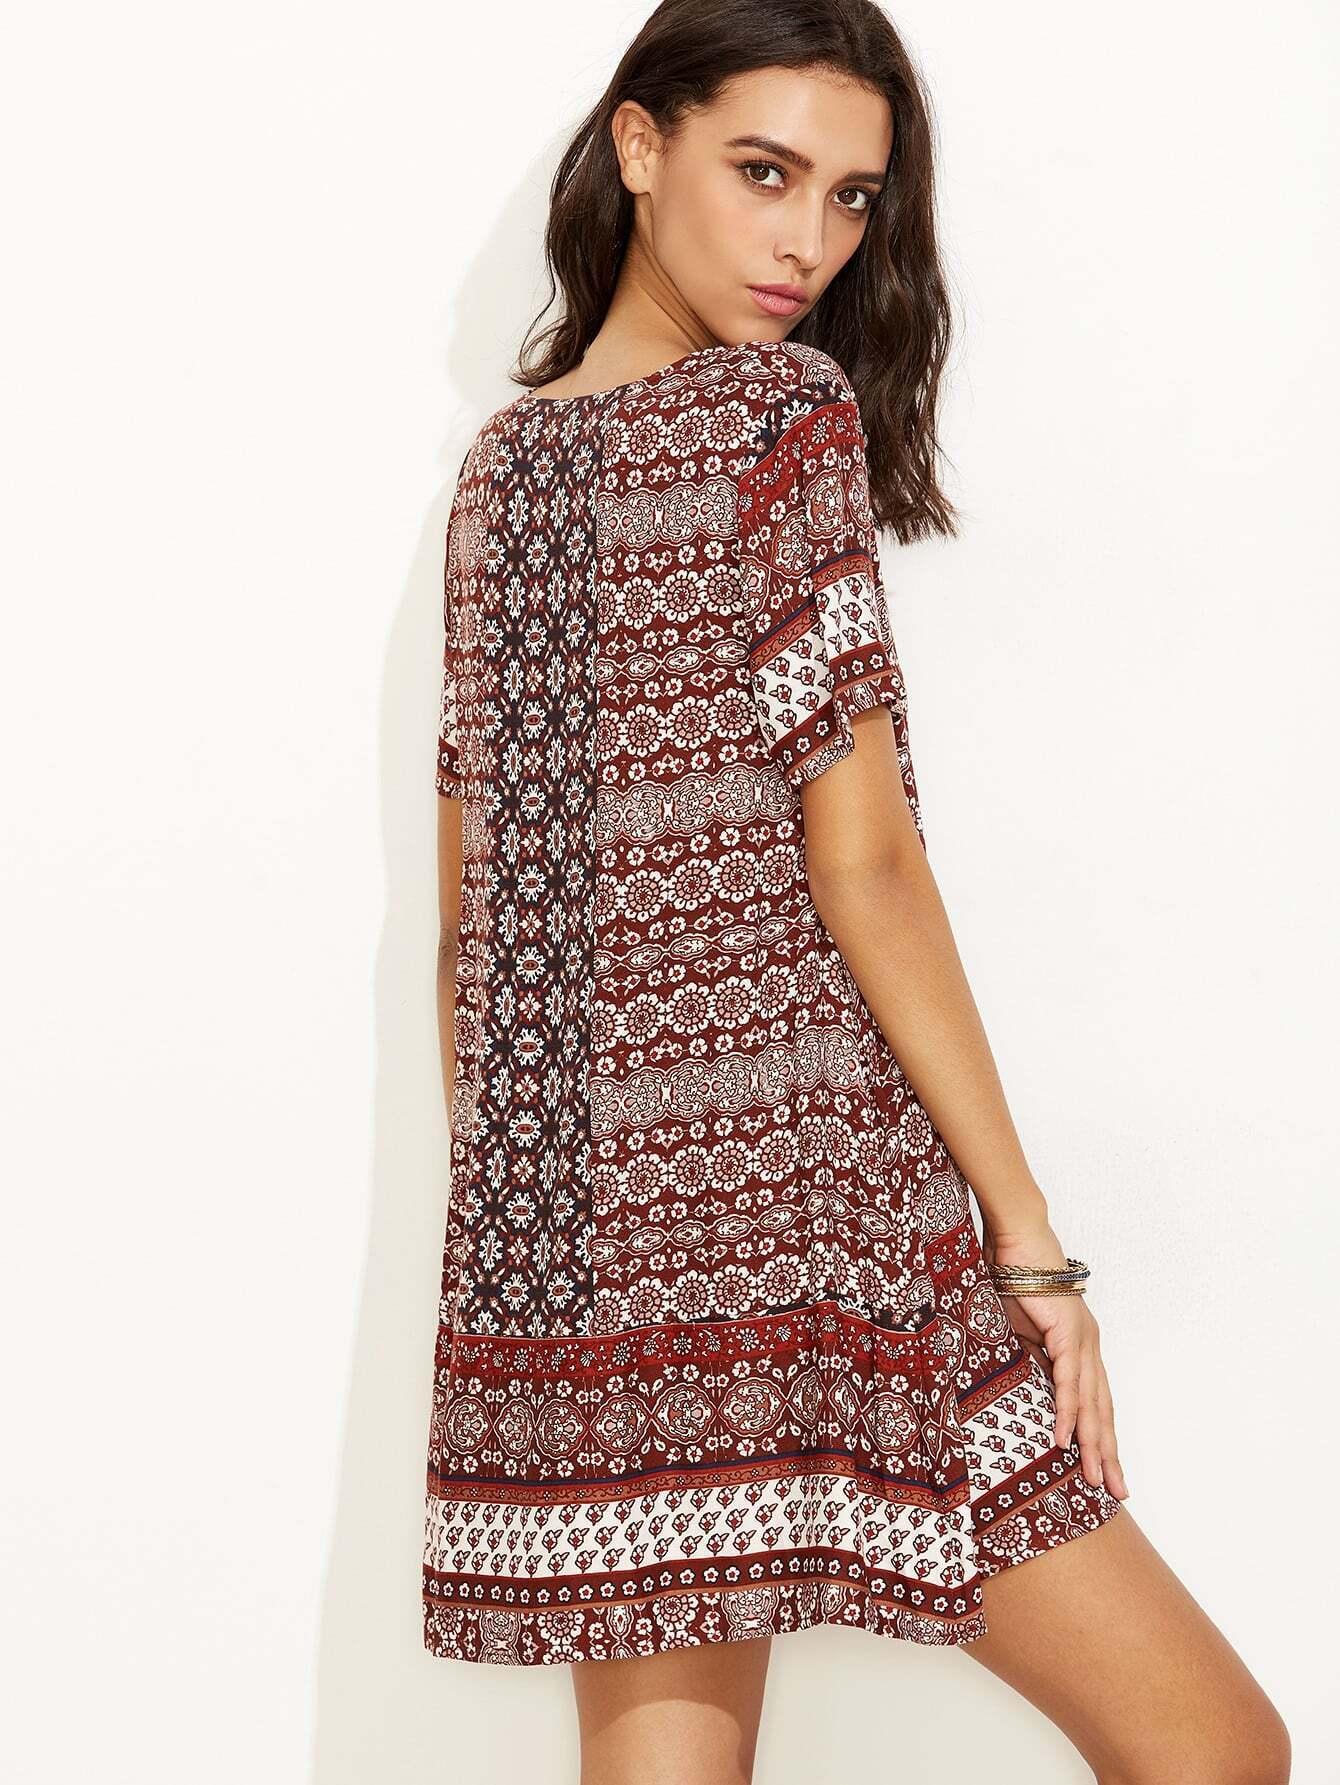 robe droite vintage imprime manche courte multicolore With robe droite manche courte